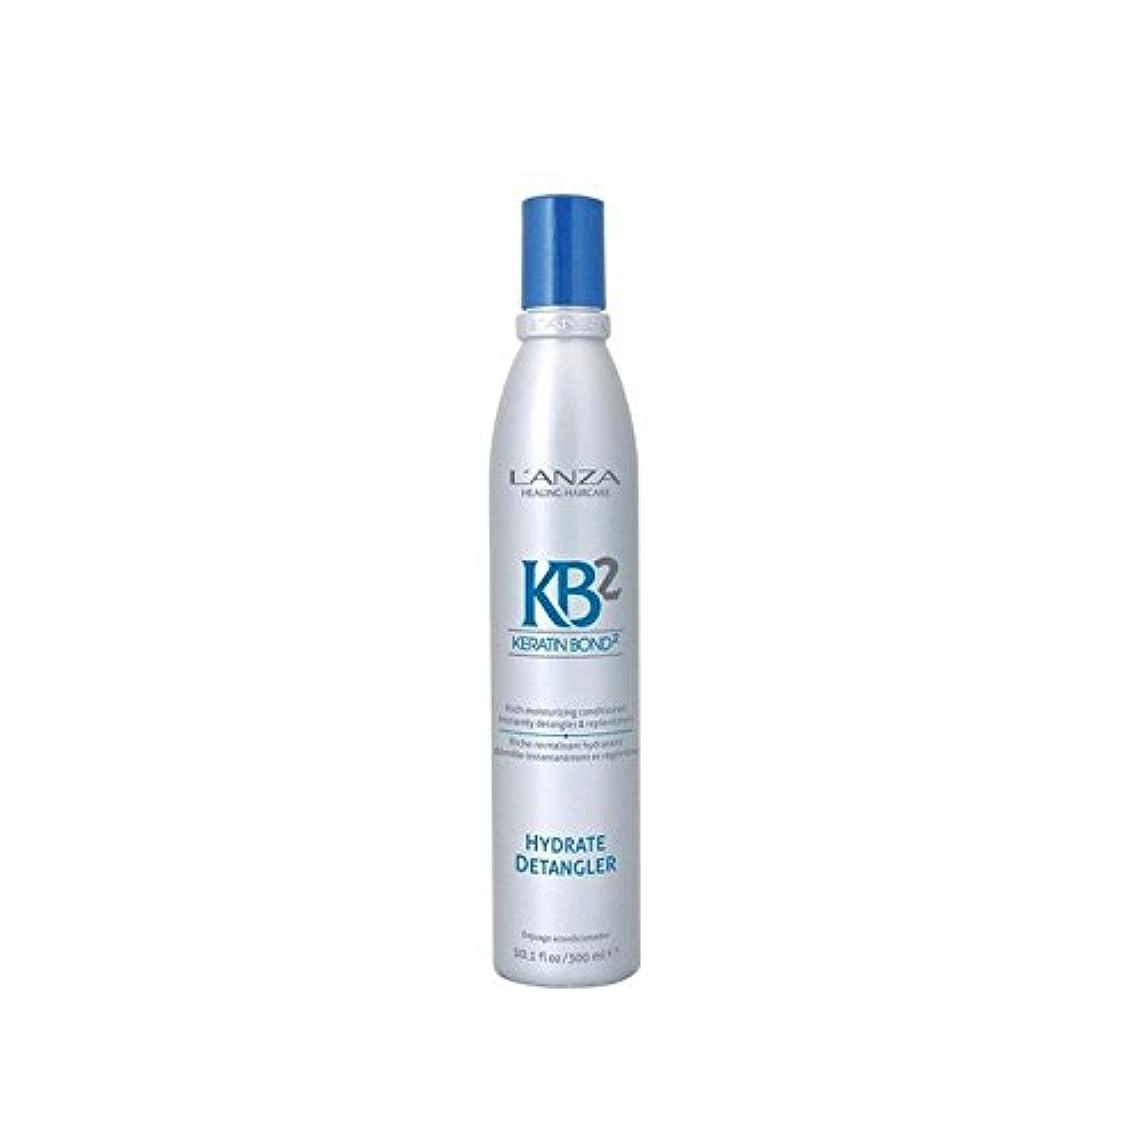 パック持続的道を作るアンザ2和物(300ミリリットル) x2 - L'Anza Kb2 Hydrate Detangler (300ml) (Pack of 2) [並行輸入品]